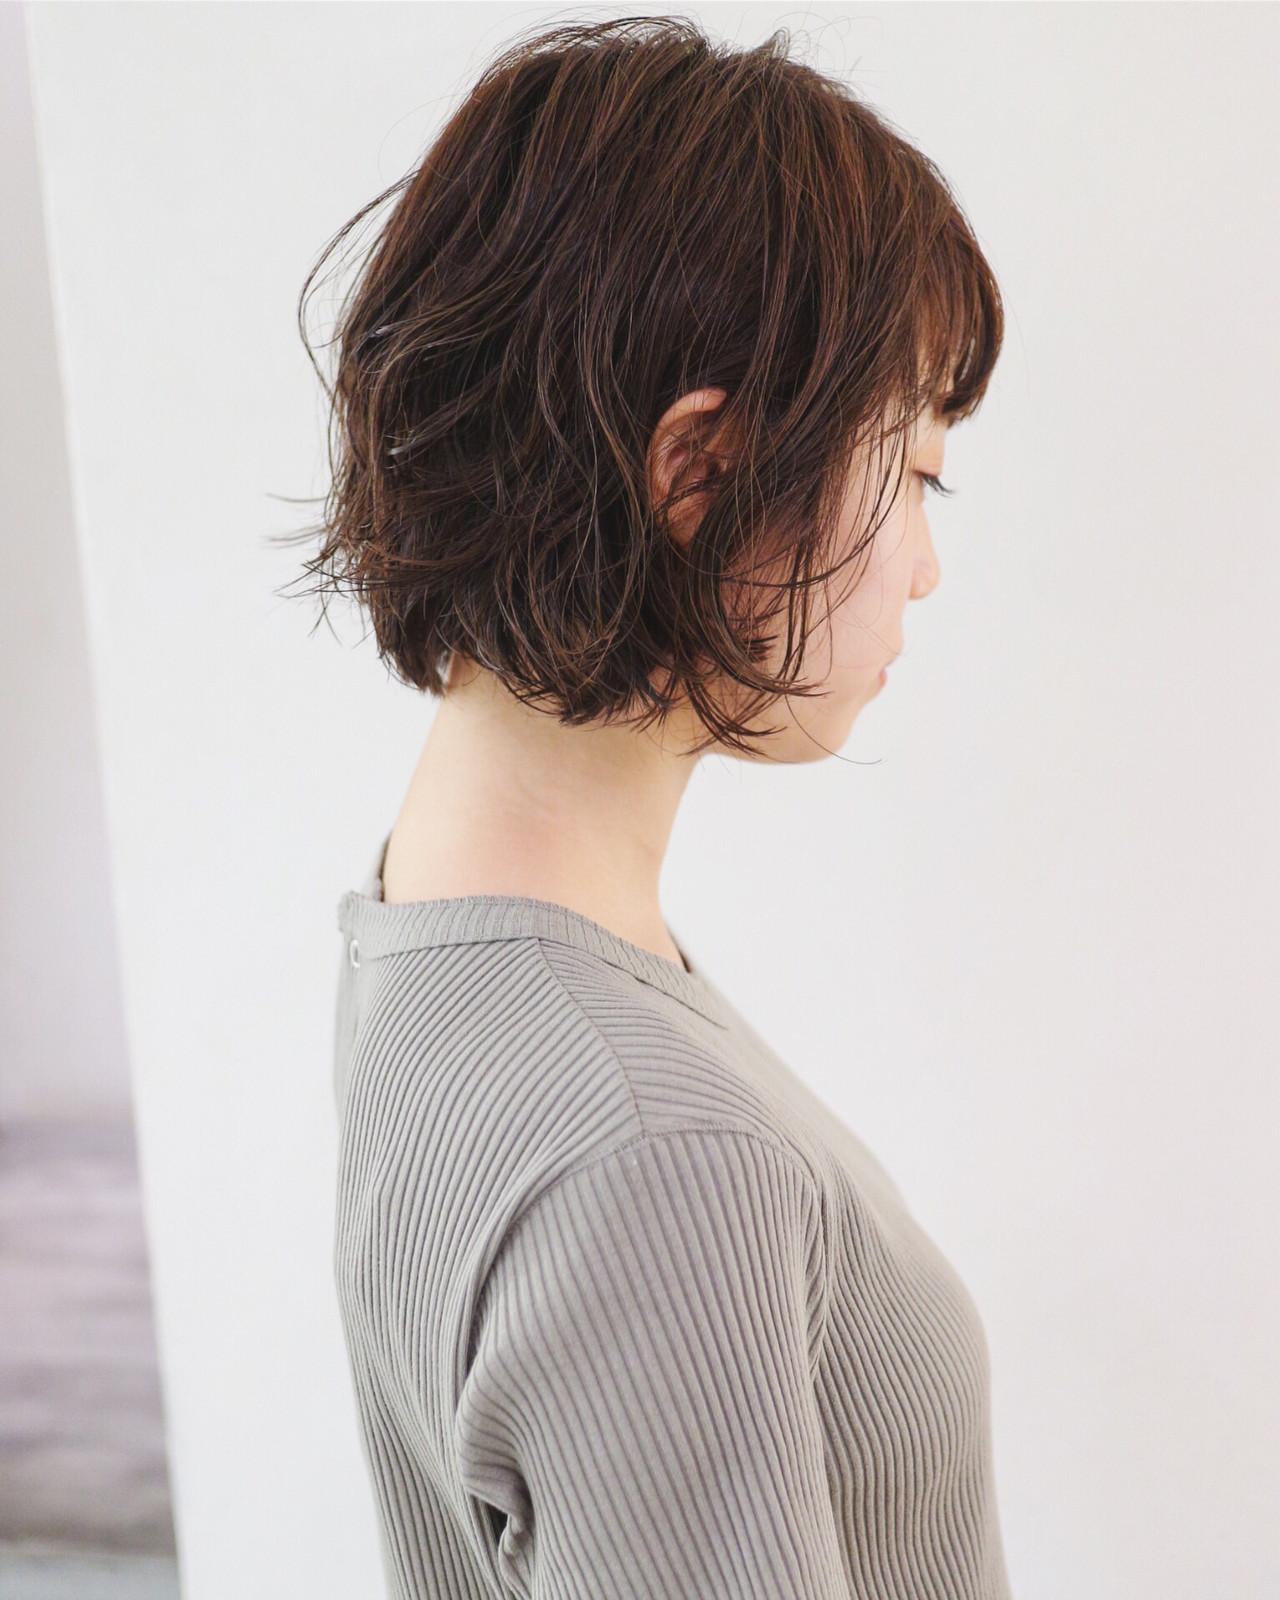 カジュアルなウェット感がおしゃれなシアバターのボブスタイリング 三好 佳奈美Baco.(バコ)